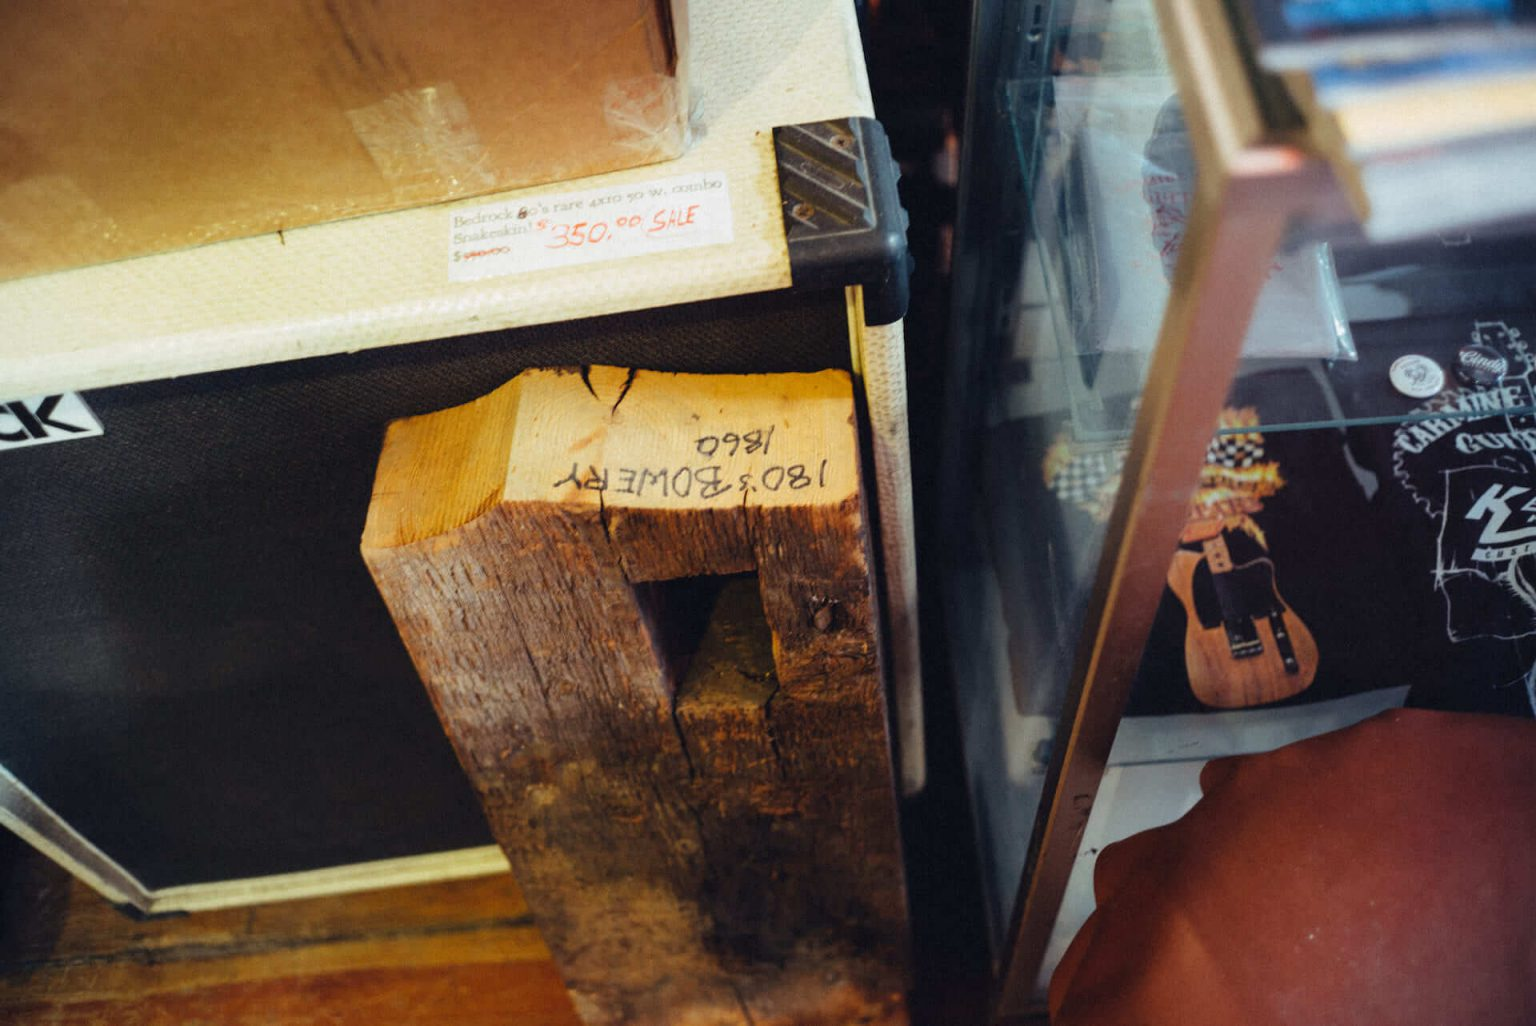 4_2720_AT_CarmineStreetGuitars-1440x962 歴史が染みついた建築物でギターを作る「Carmine Street Guitars」ギター職人の工房と、シティの限られた行き先